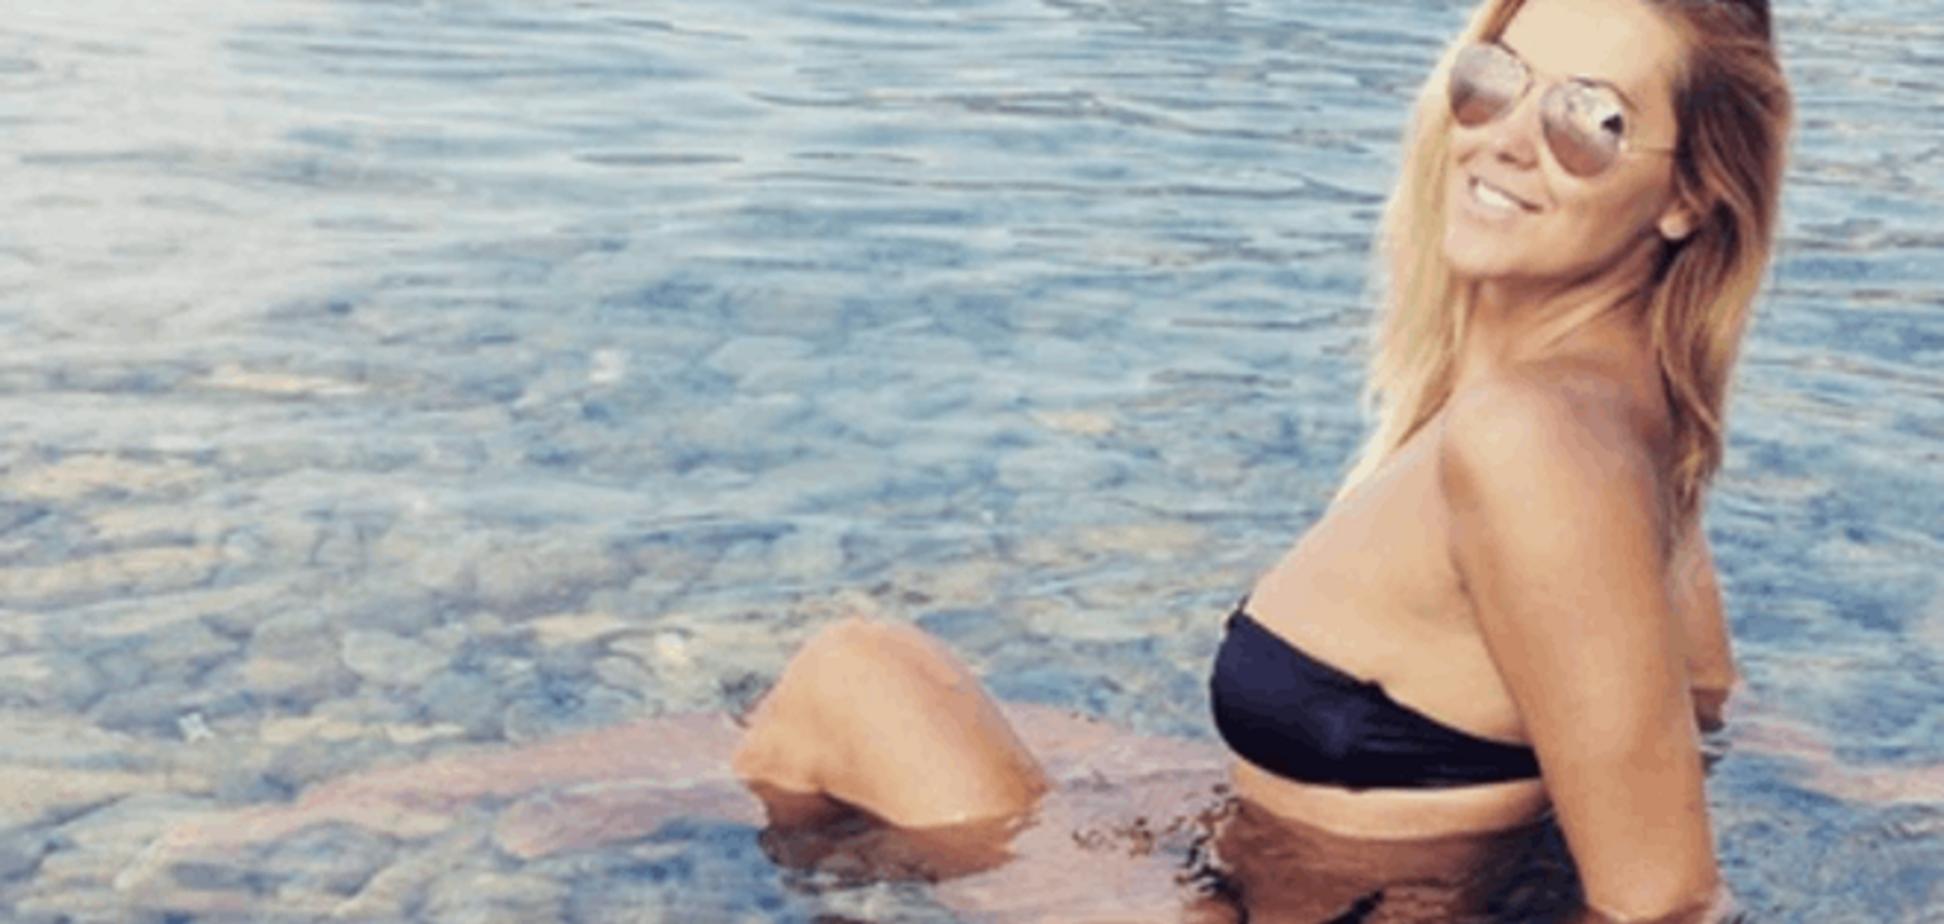 Красотка Клочкова похвасталась жаркими фото с отдыха в Крыму